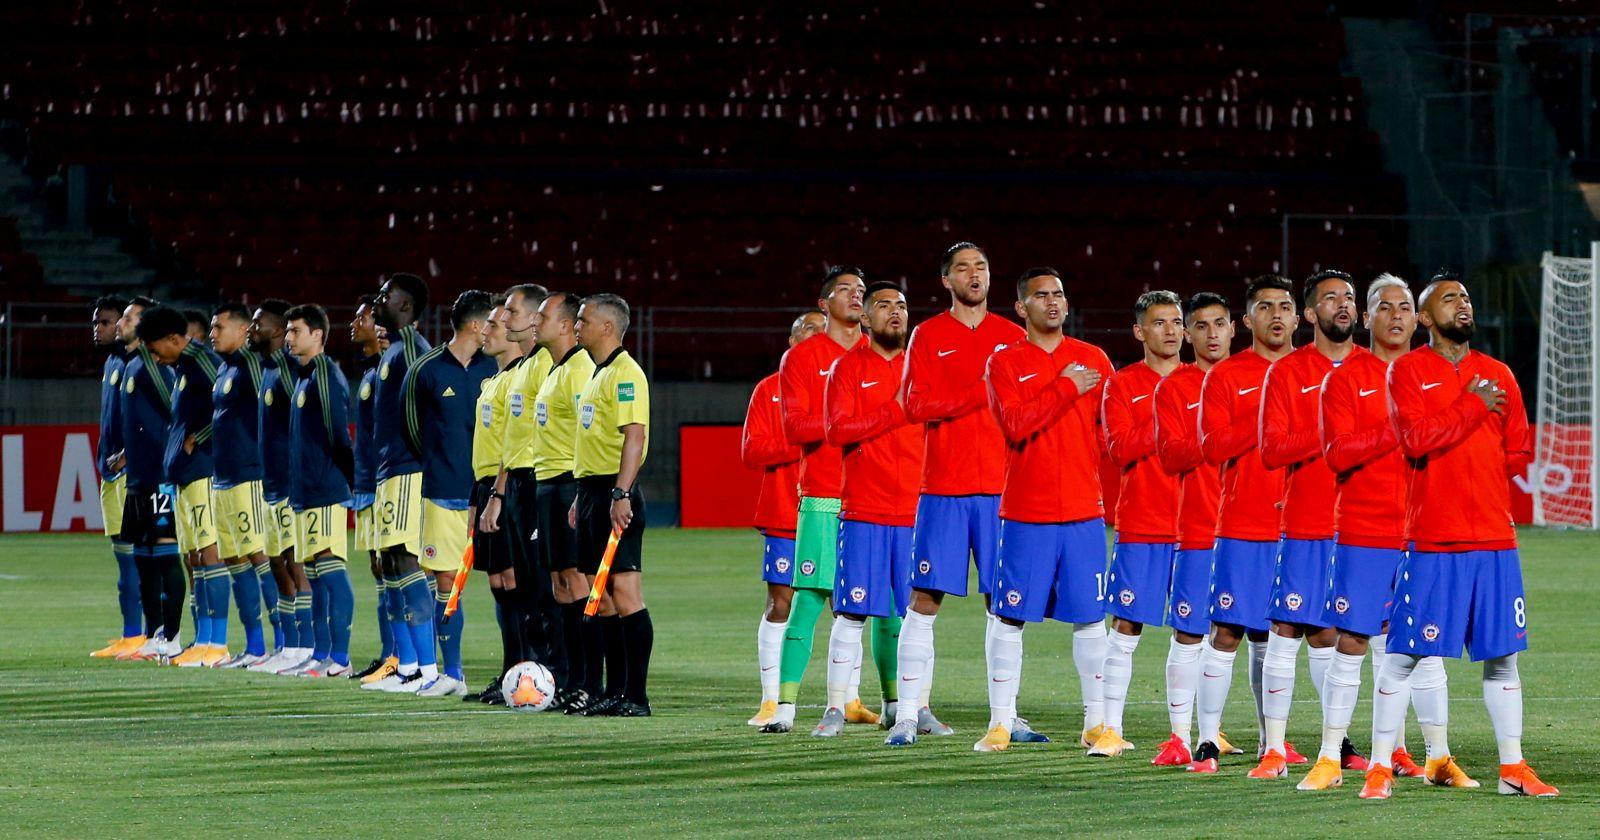 Confirmado: Chile se mantuvo en el puesto 17 del ranking FIFA